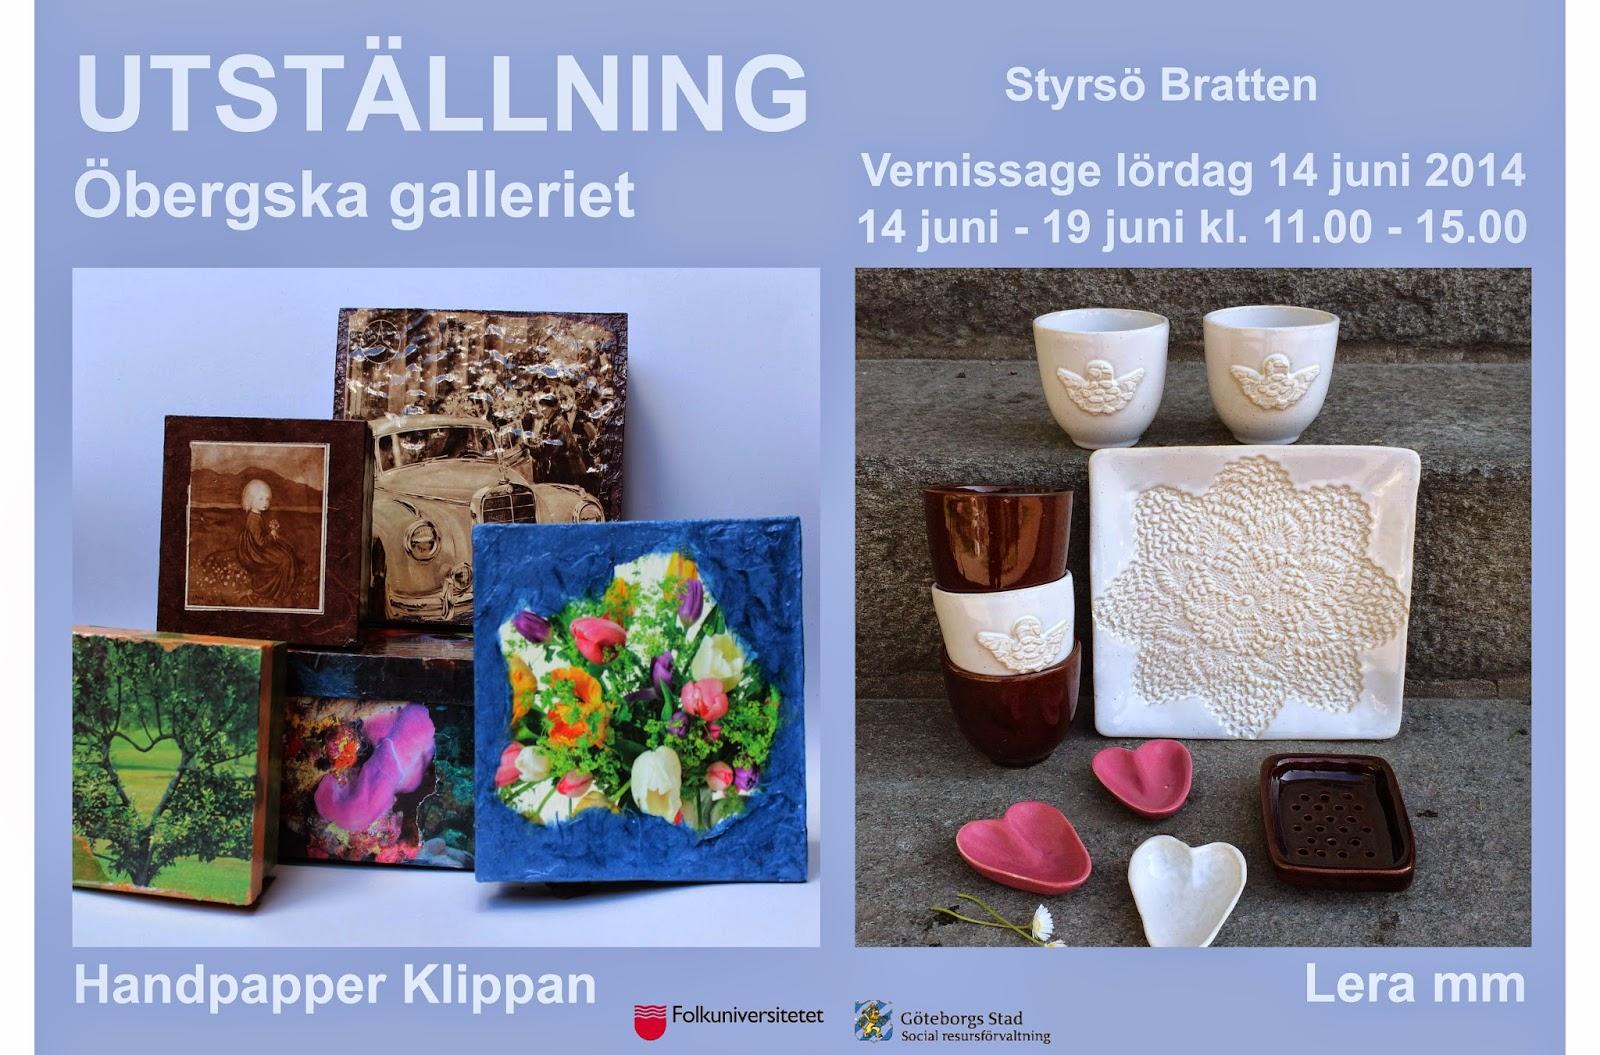 Öppet 14 juni - 19 juni kl. 11.00-15.00. Närmaste hållplats är Styrsö  Bratten. (Café Öbergska  www.obergska.se) 555c7878afdb2